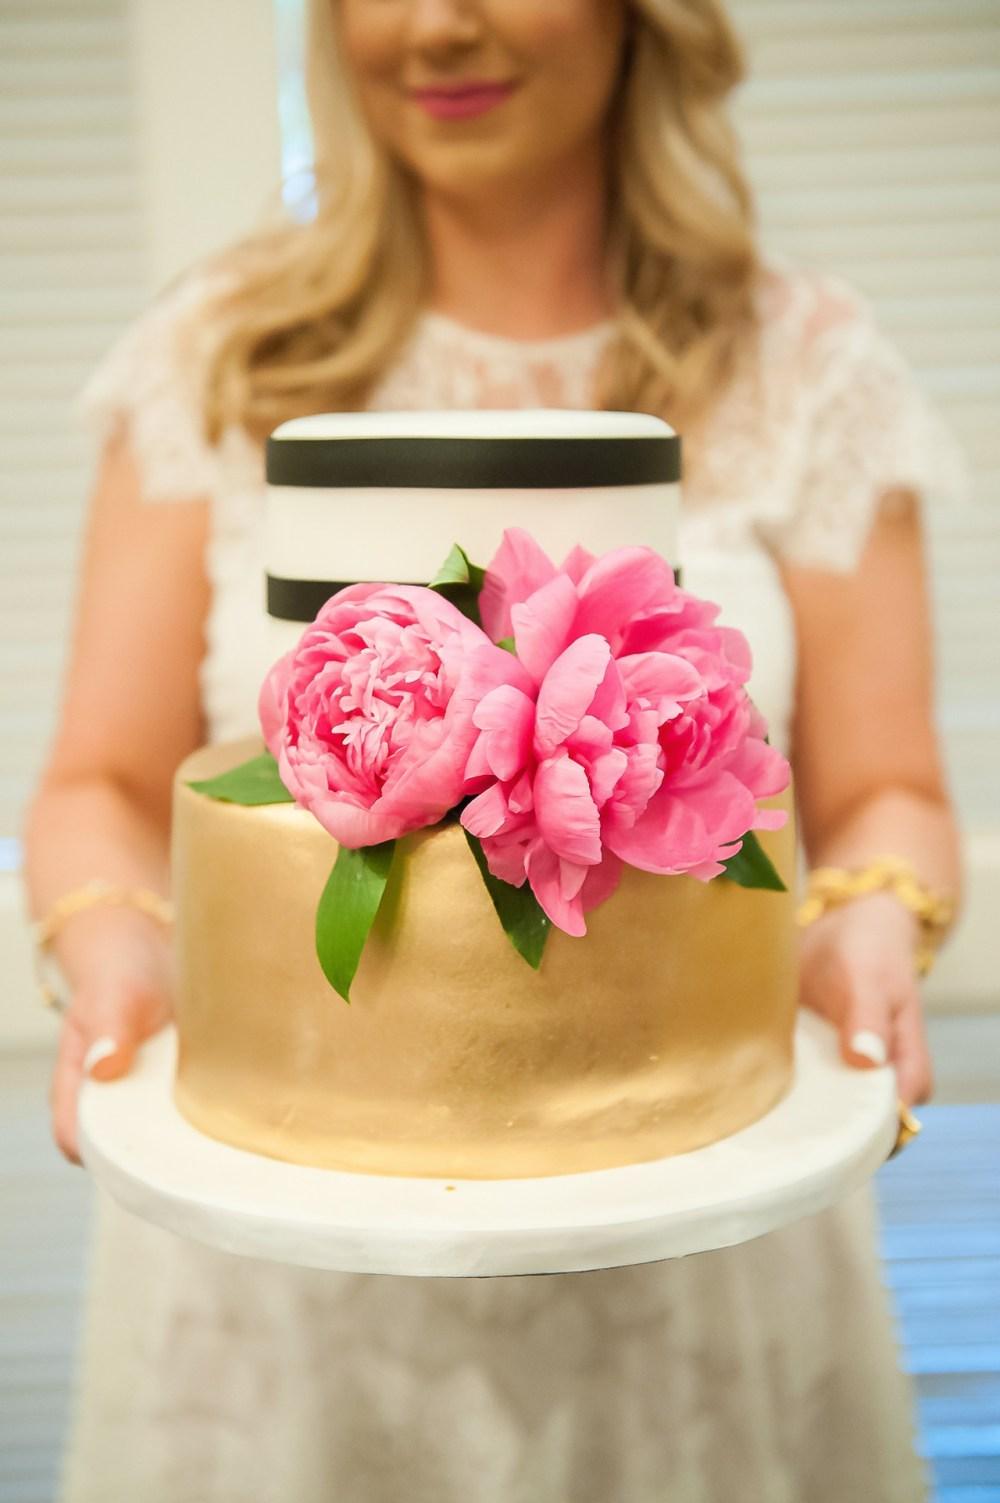 Kate Spade Bridal Shower Gold Striped Cake Pink Peonies